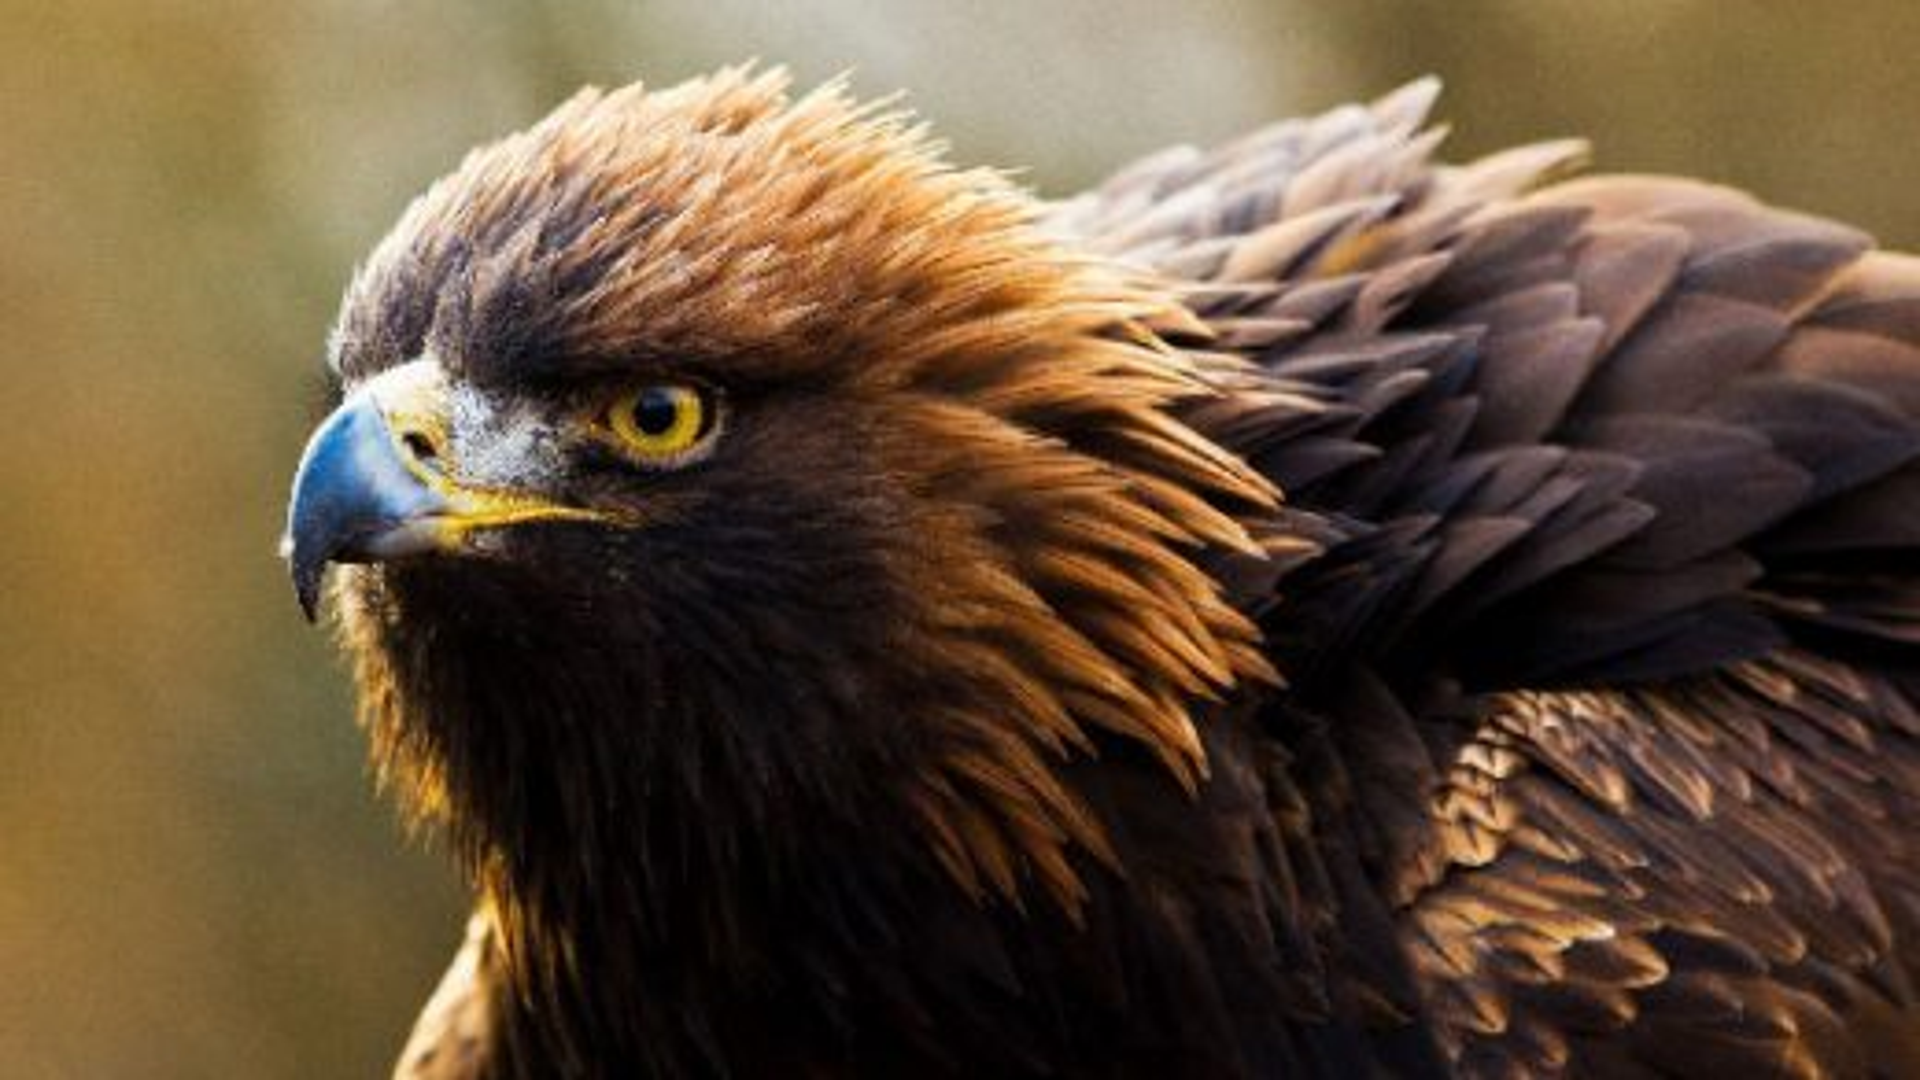 کلیپ دیدنی از لحظات شکار حیوانات مختلف|تگ